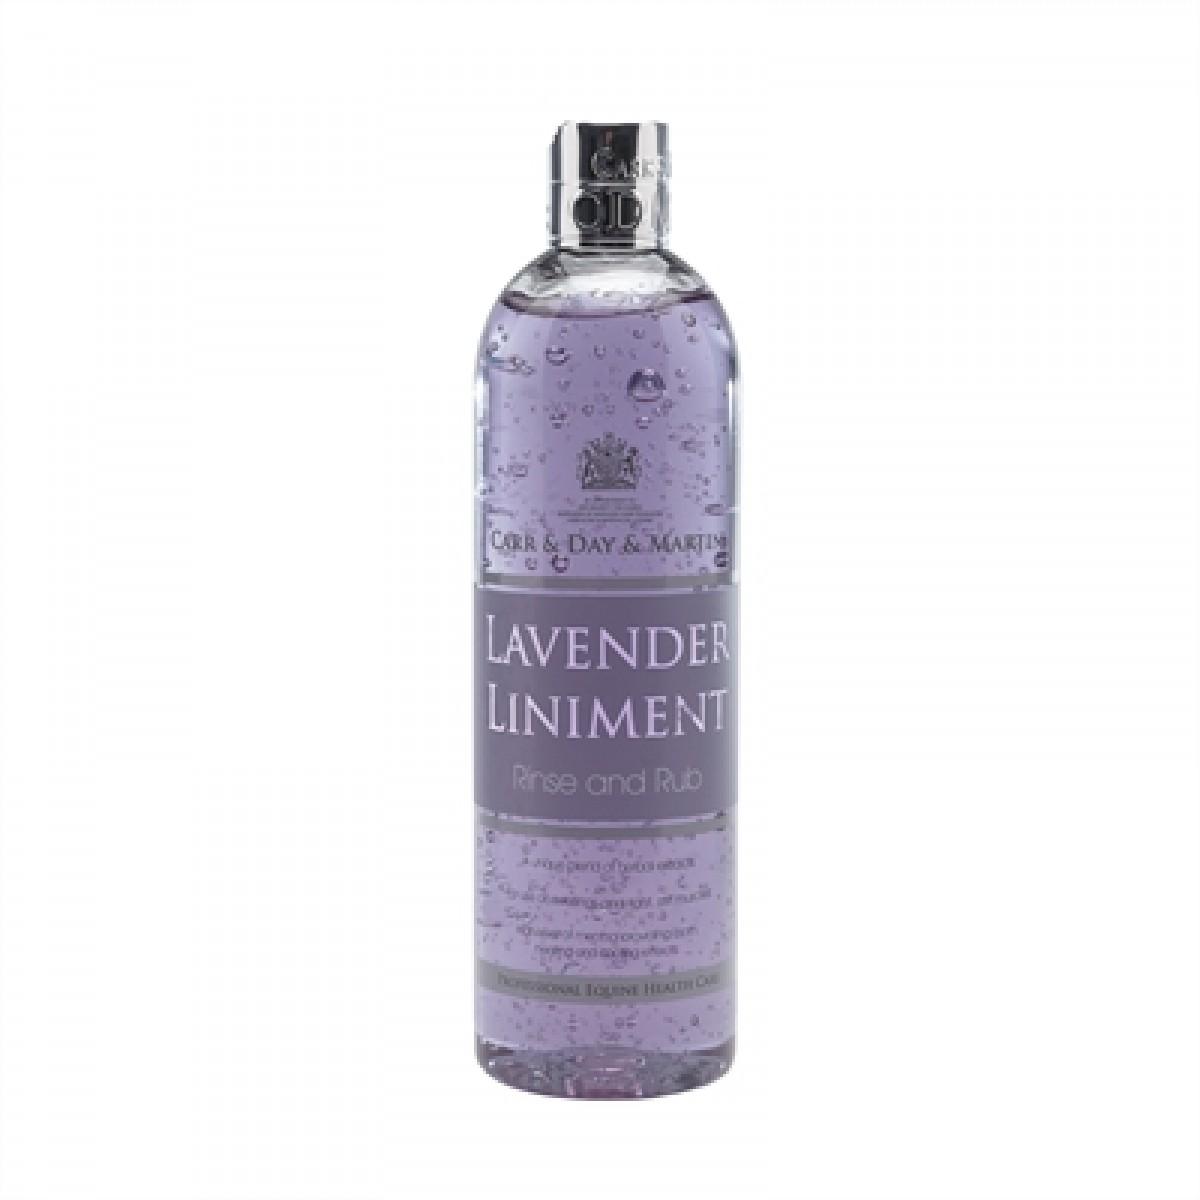 Lavendel liniment